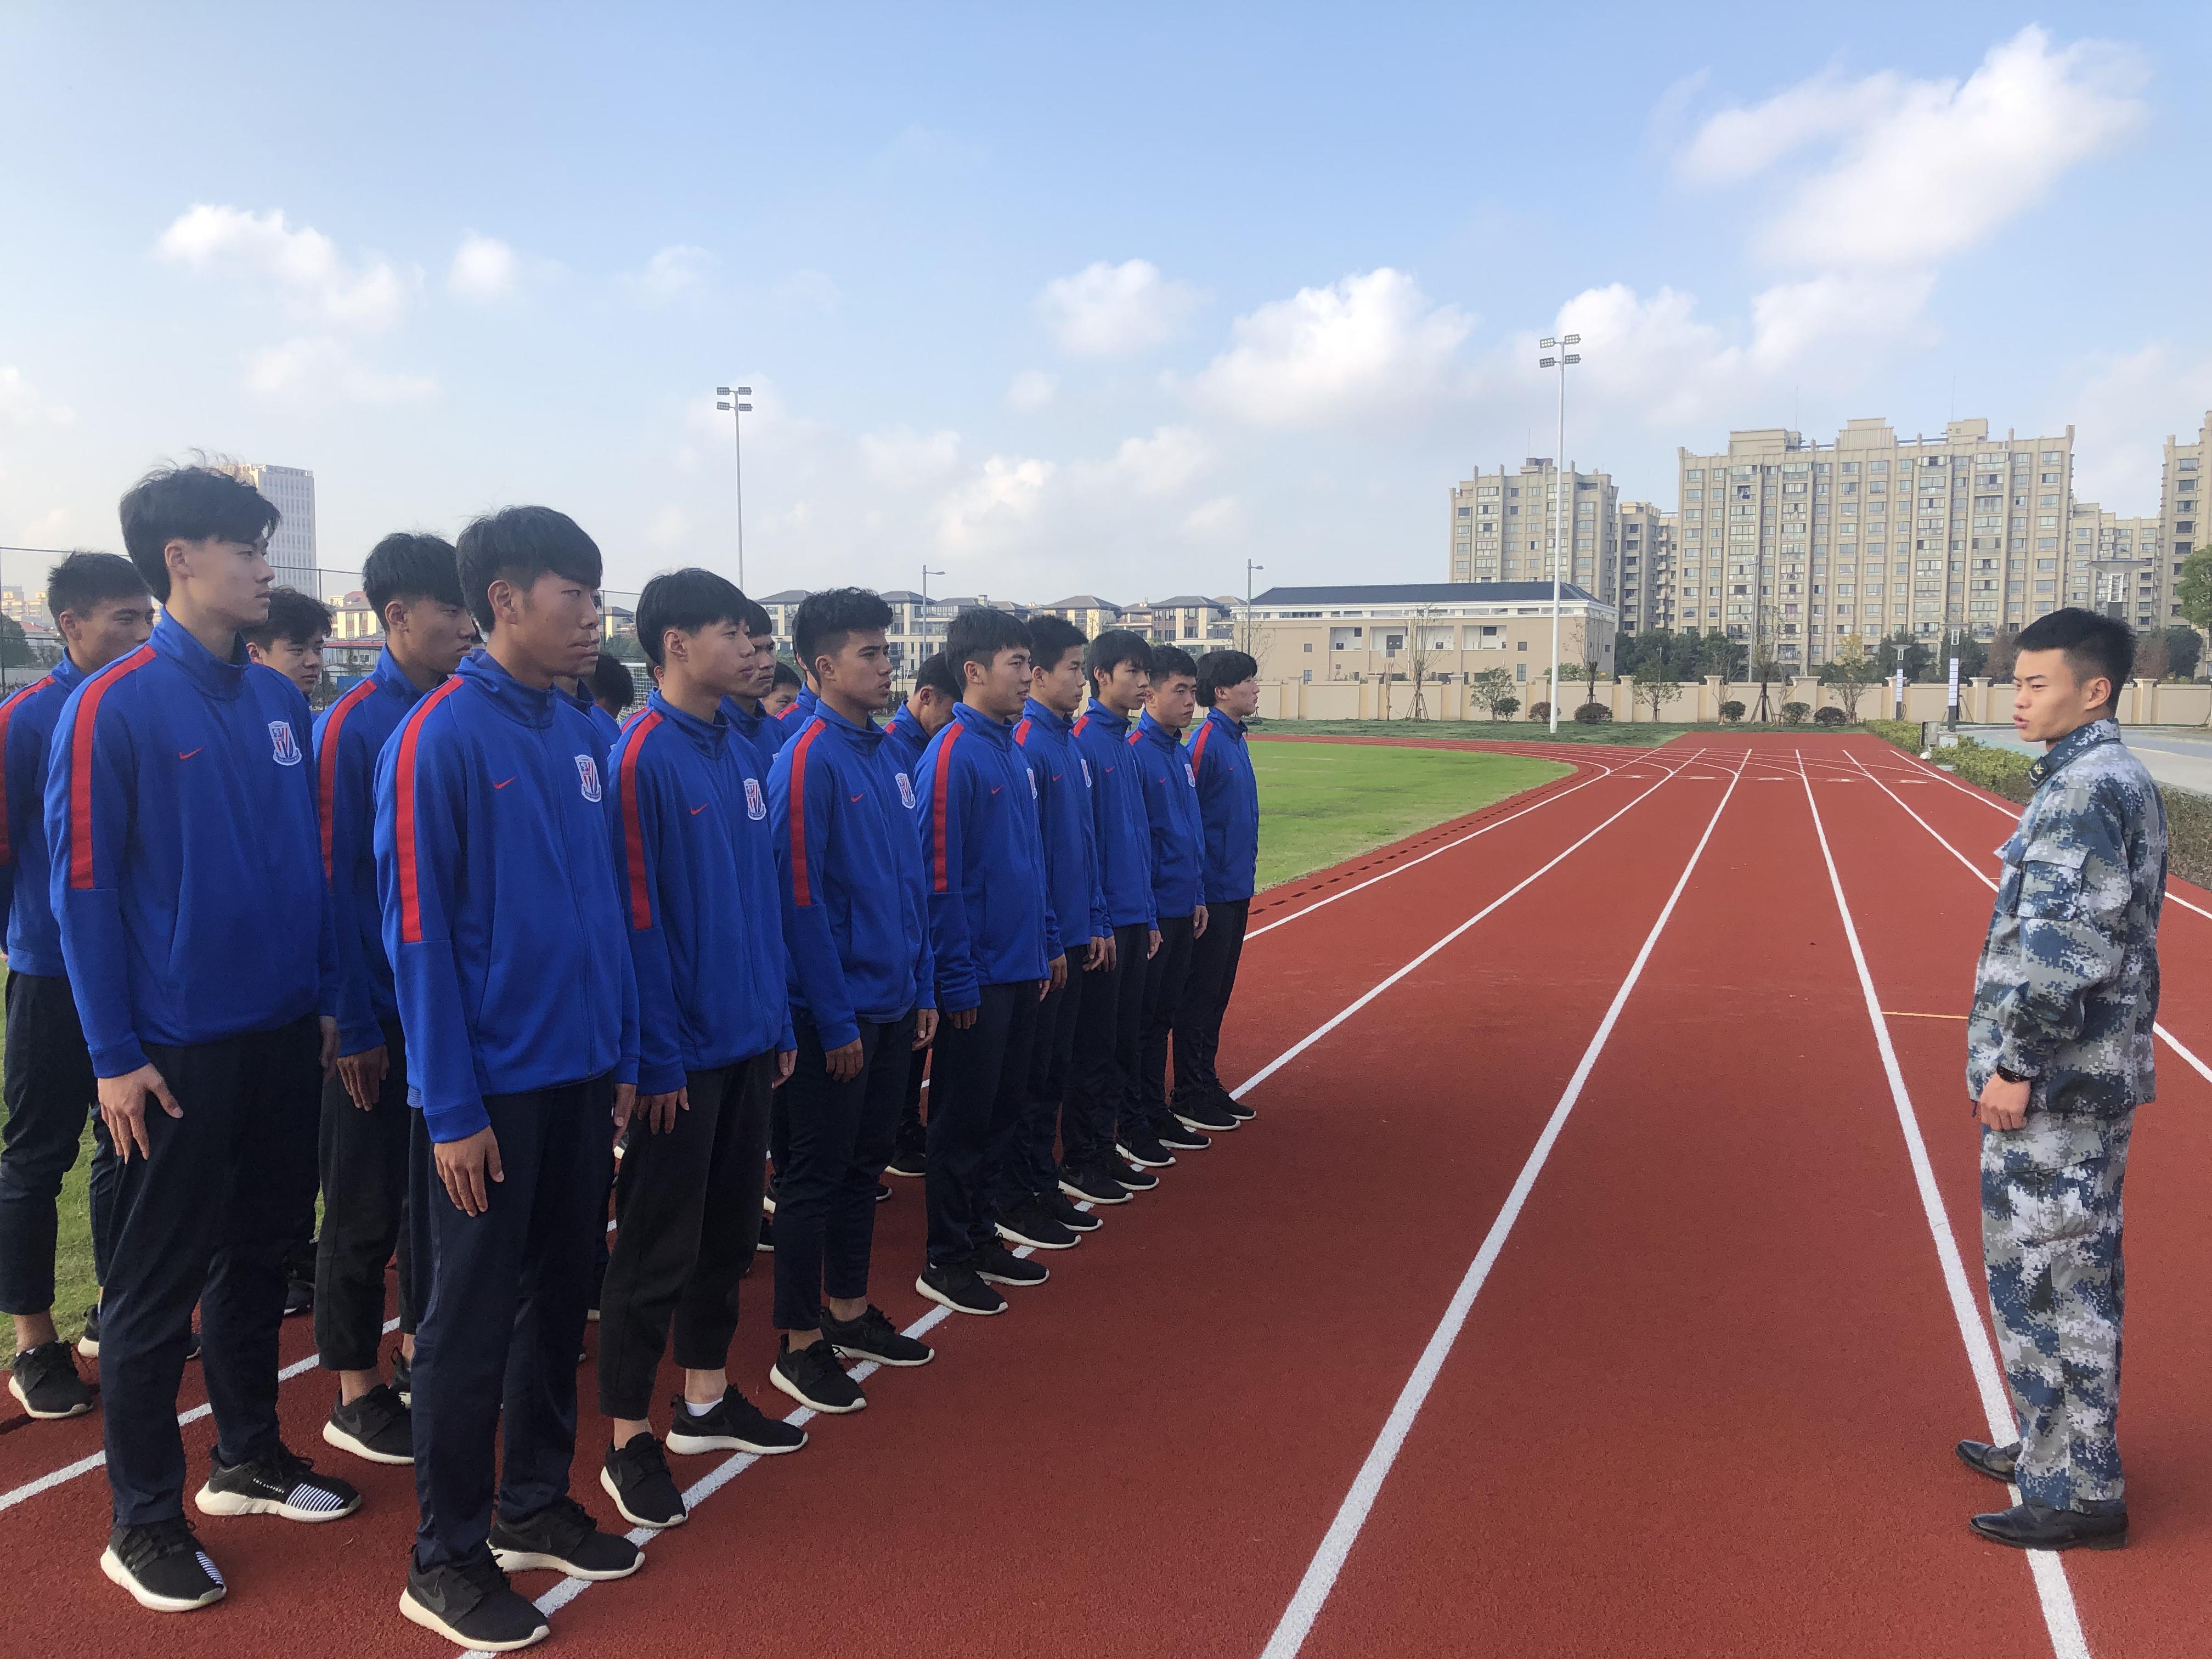 申花U19梯队参观空军 未来一周进行军训强化作风